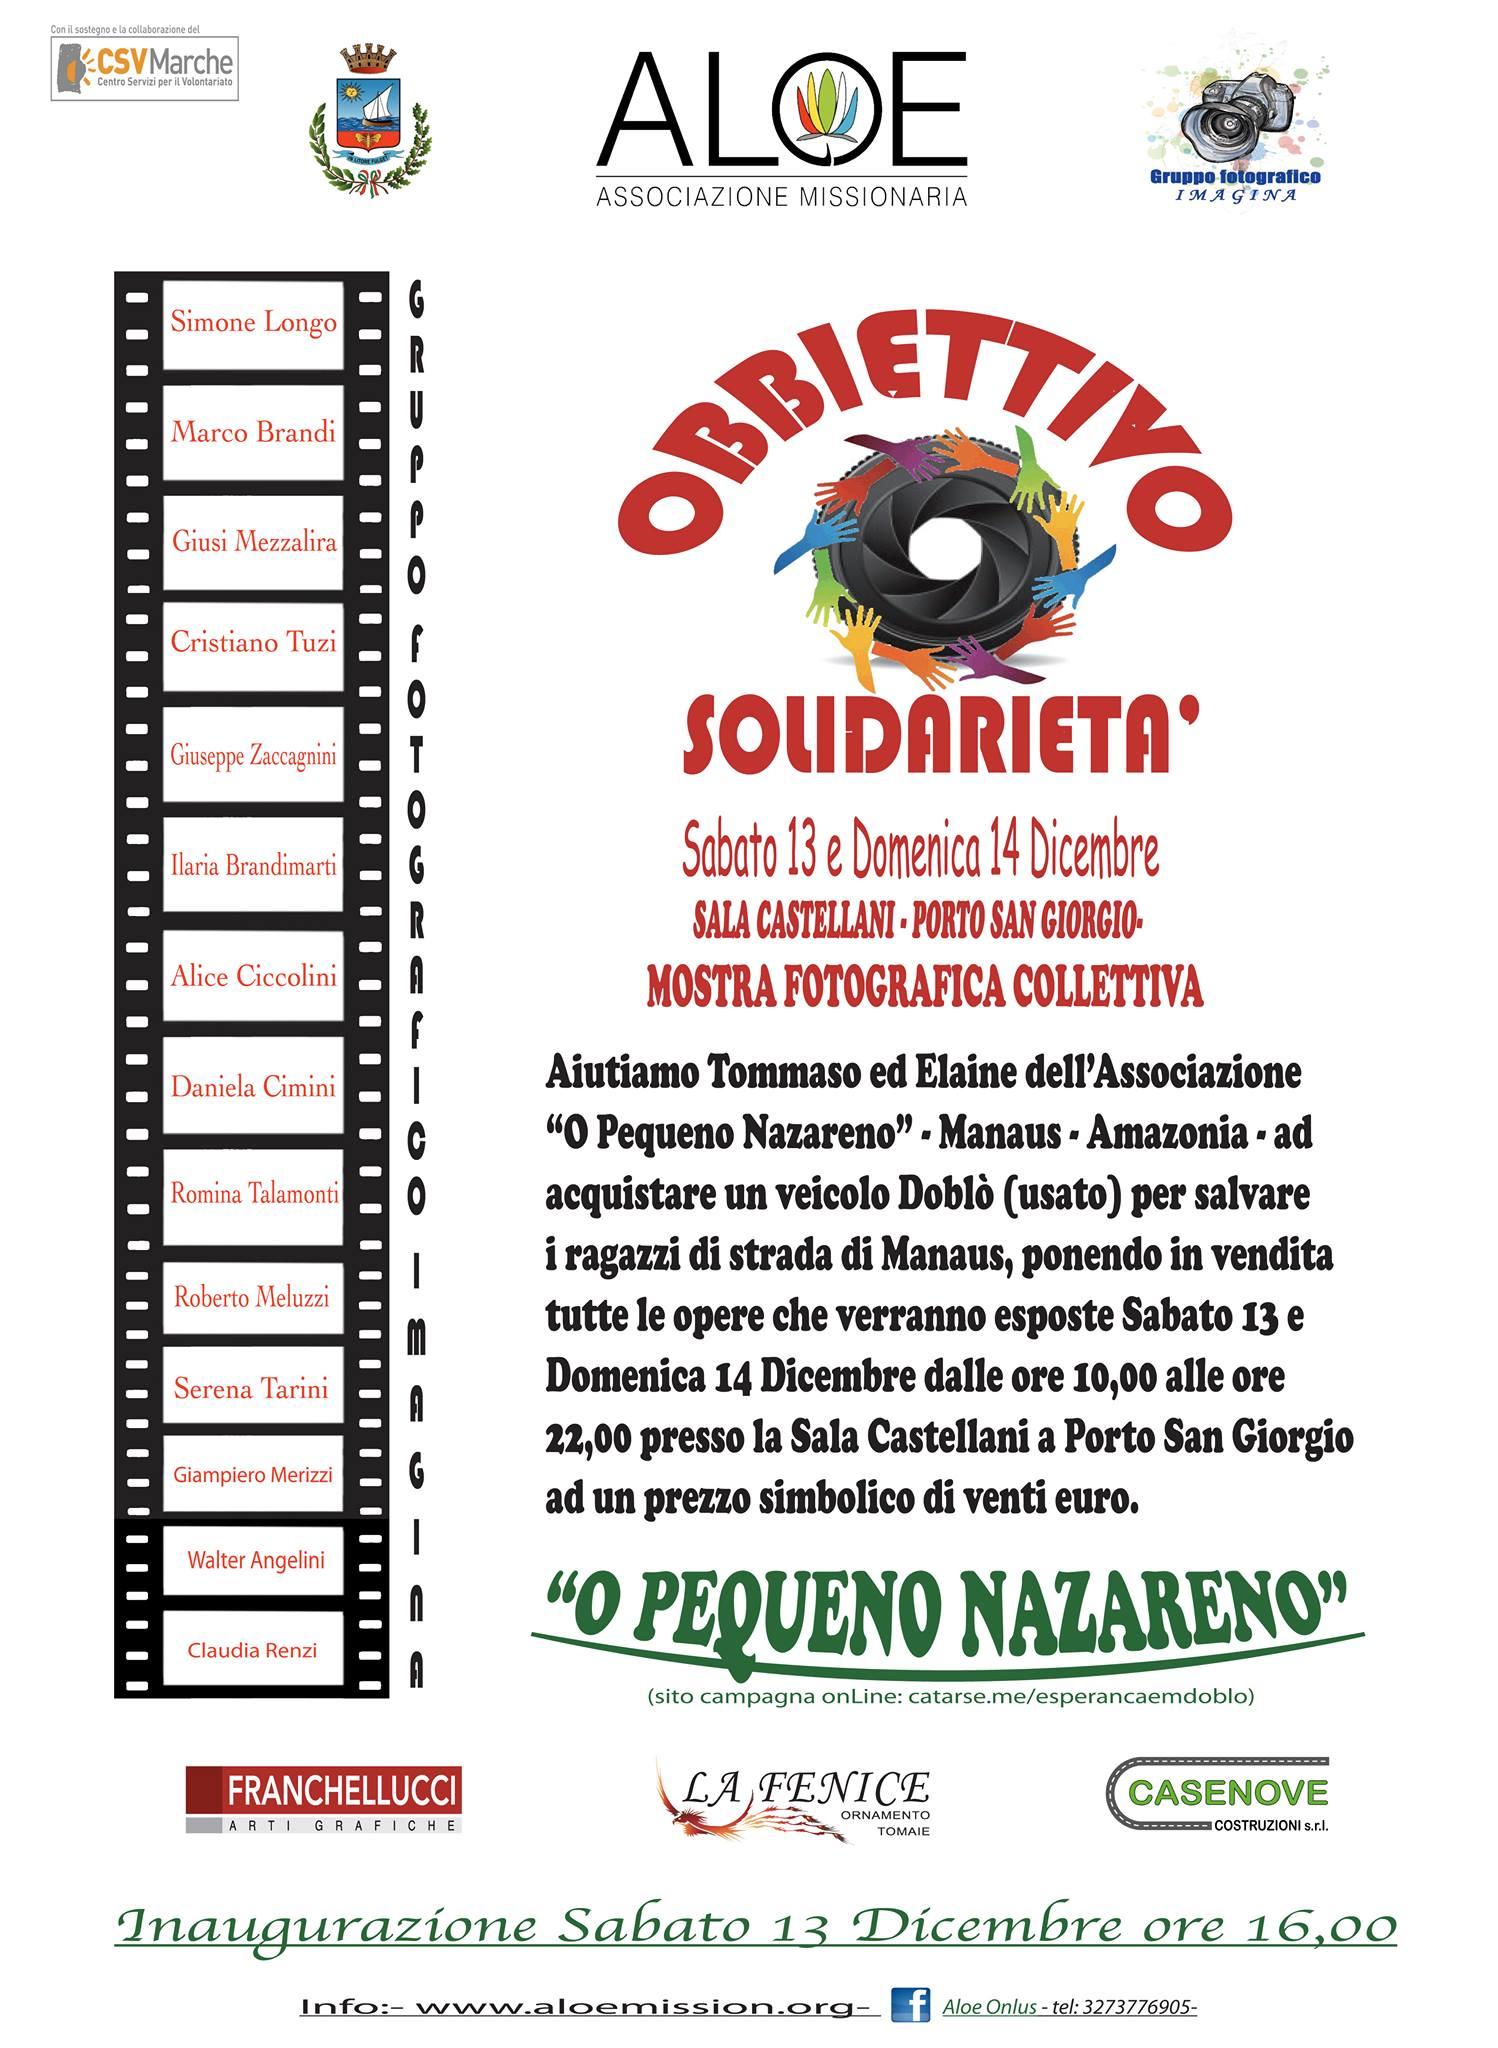 obbiettivo solidarietà 2014